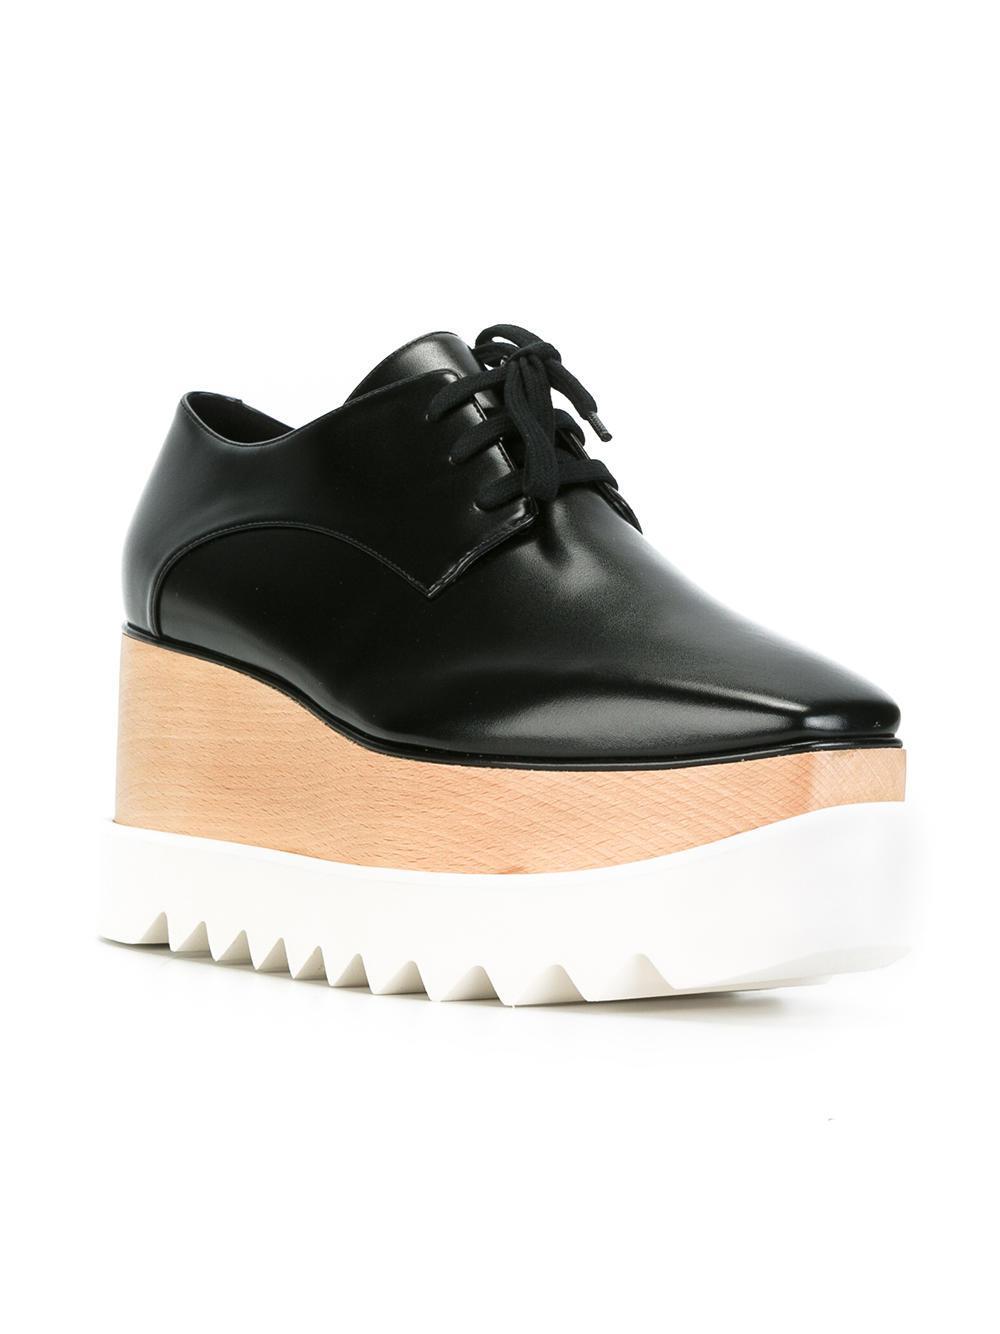 6b92713cc8c2 Lyst - Stella McCartney Elyse Shoes in Black - Save 61%